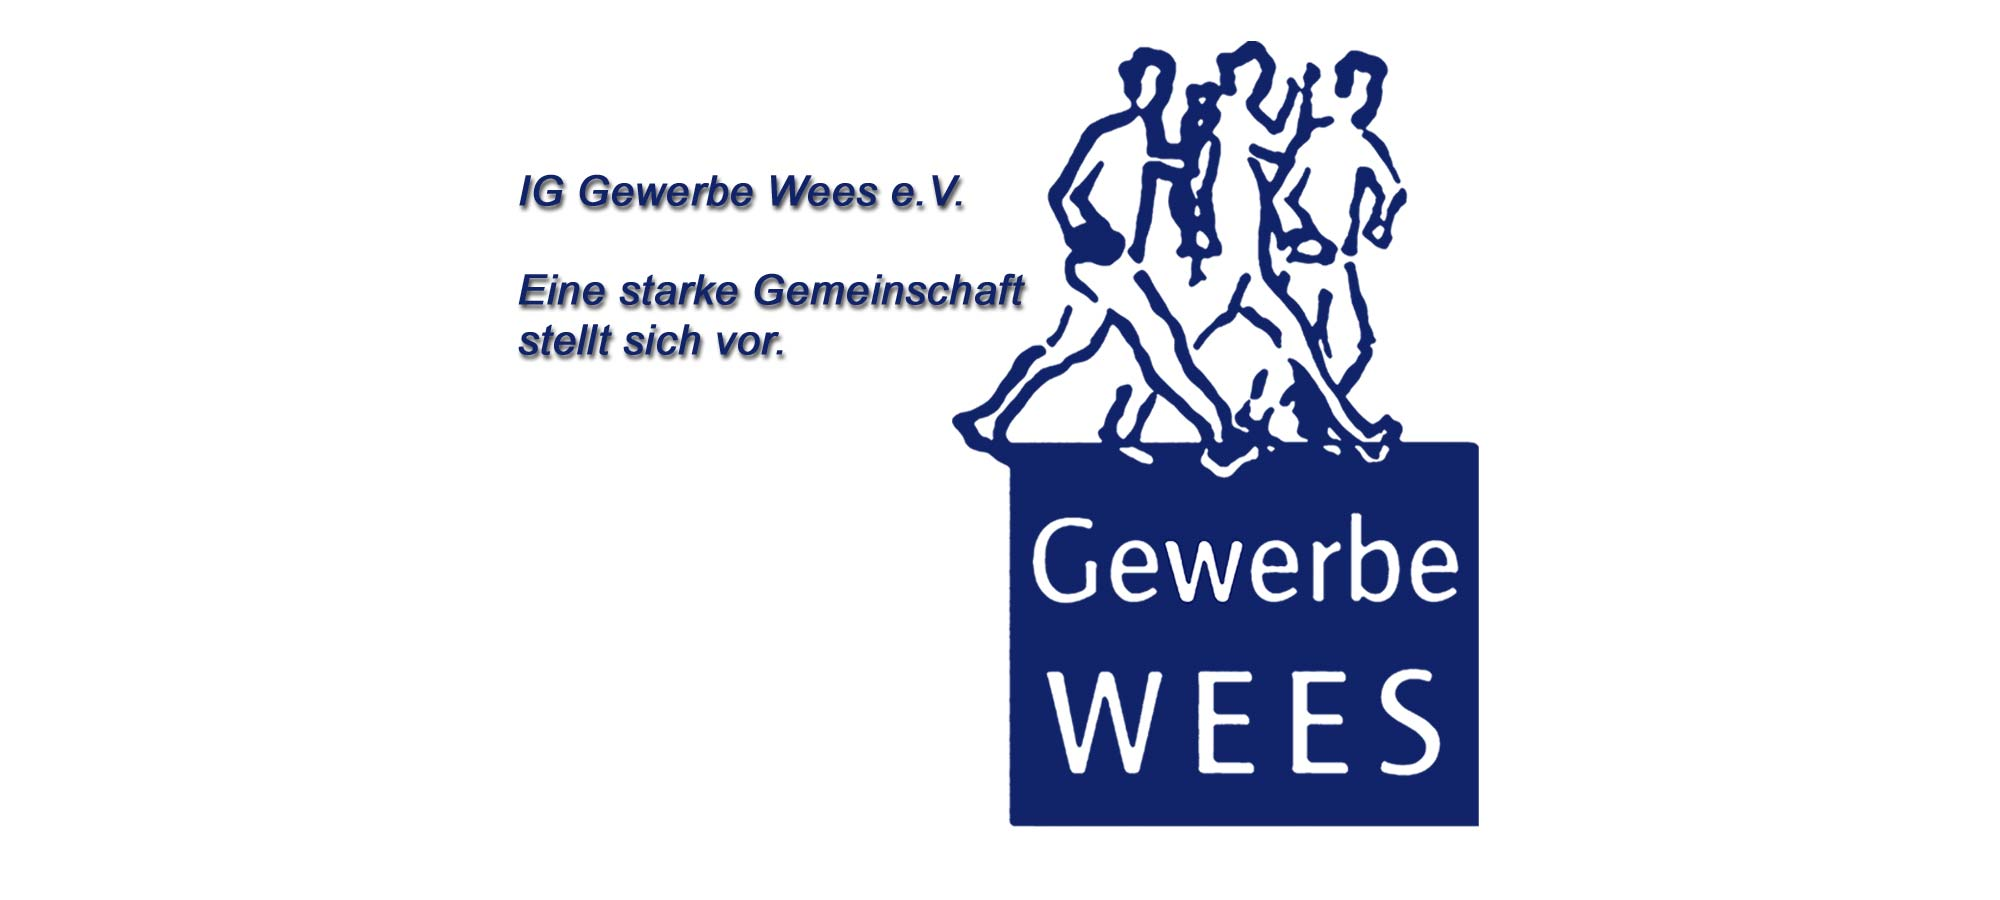 IG Gewerbe Wees e.V.